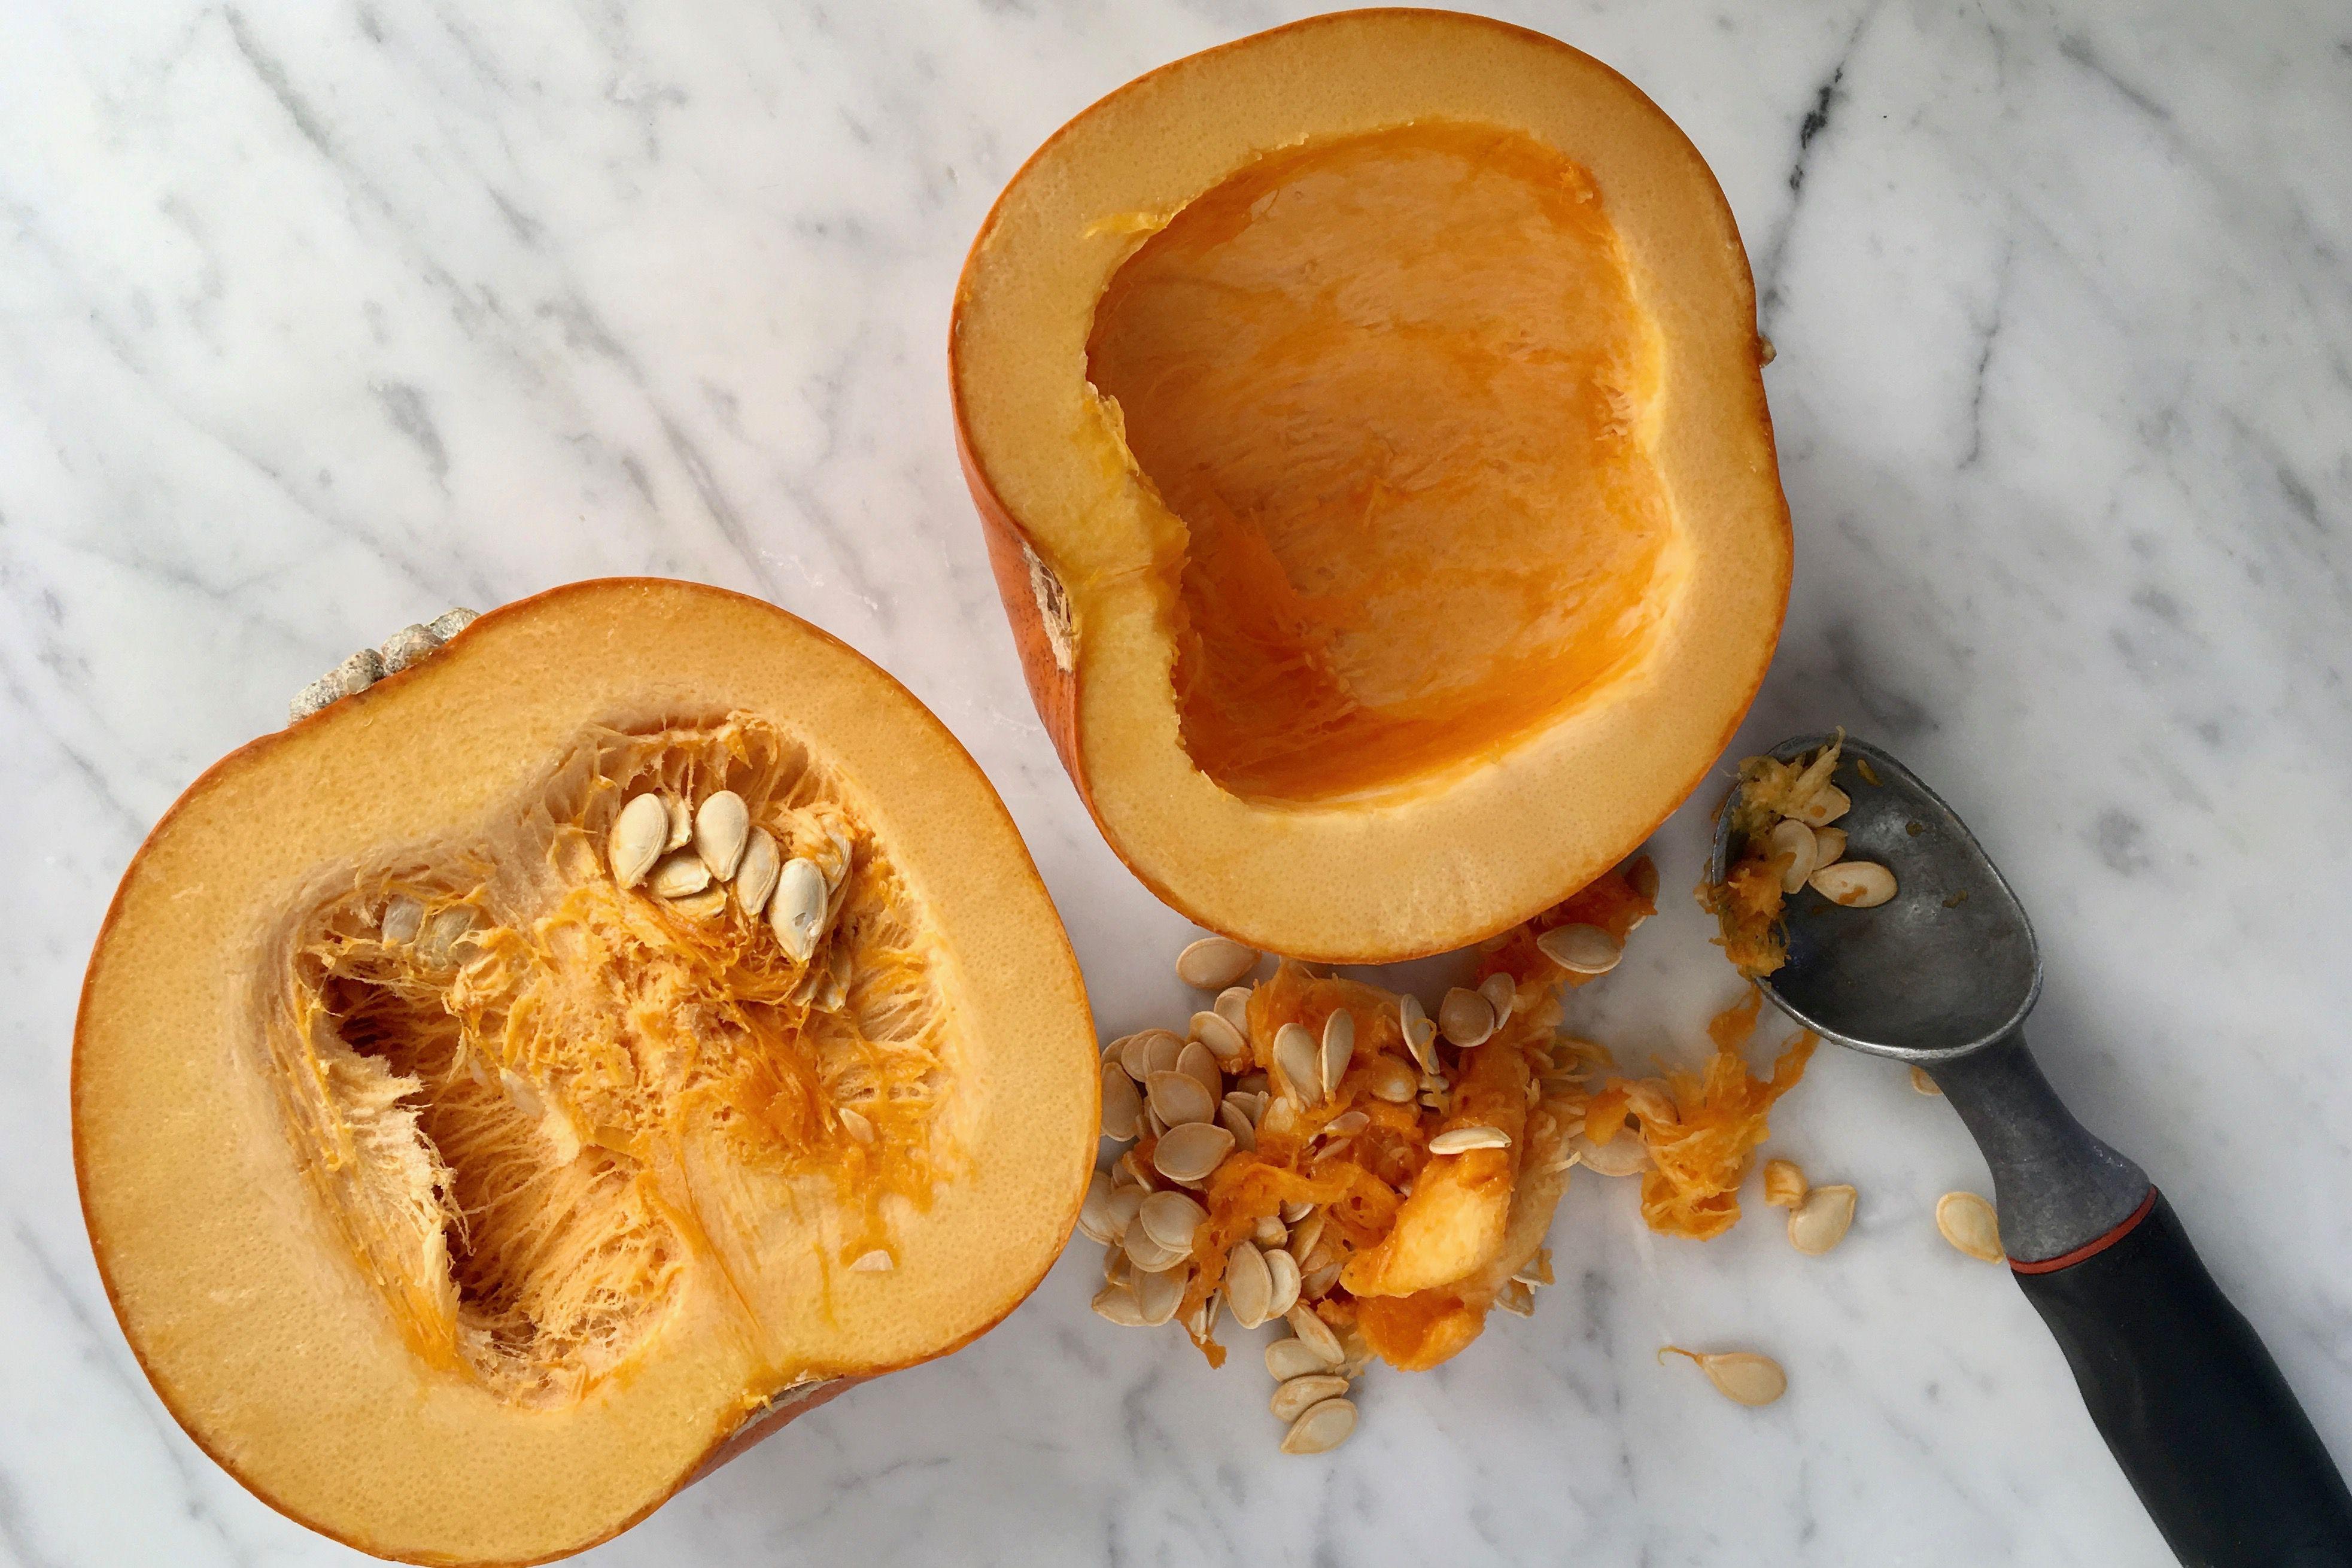 Scooping a pumpkin